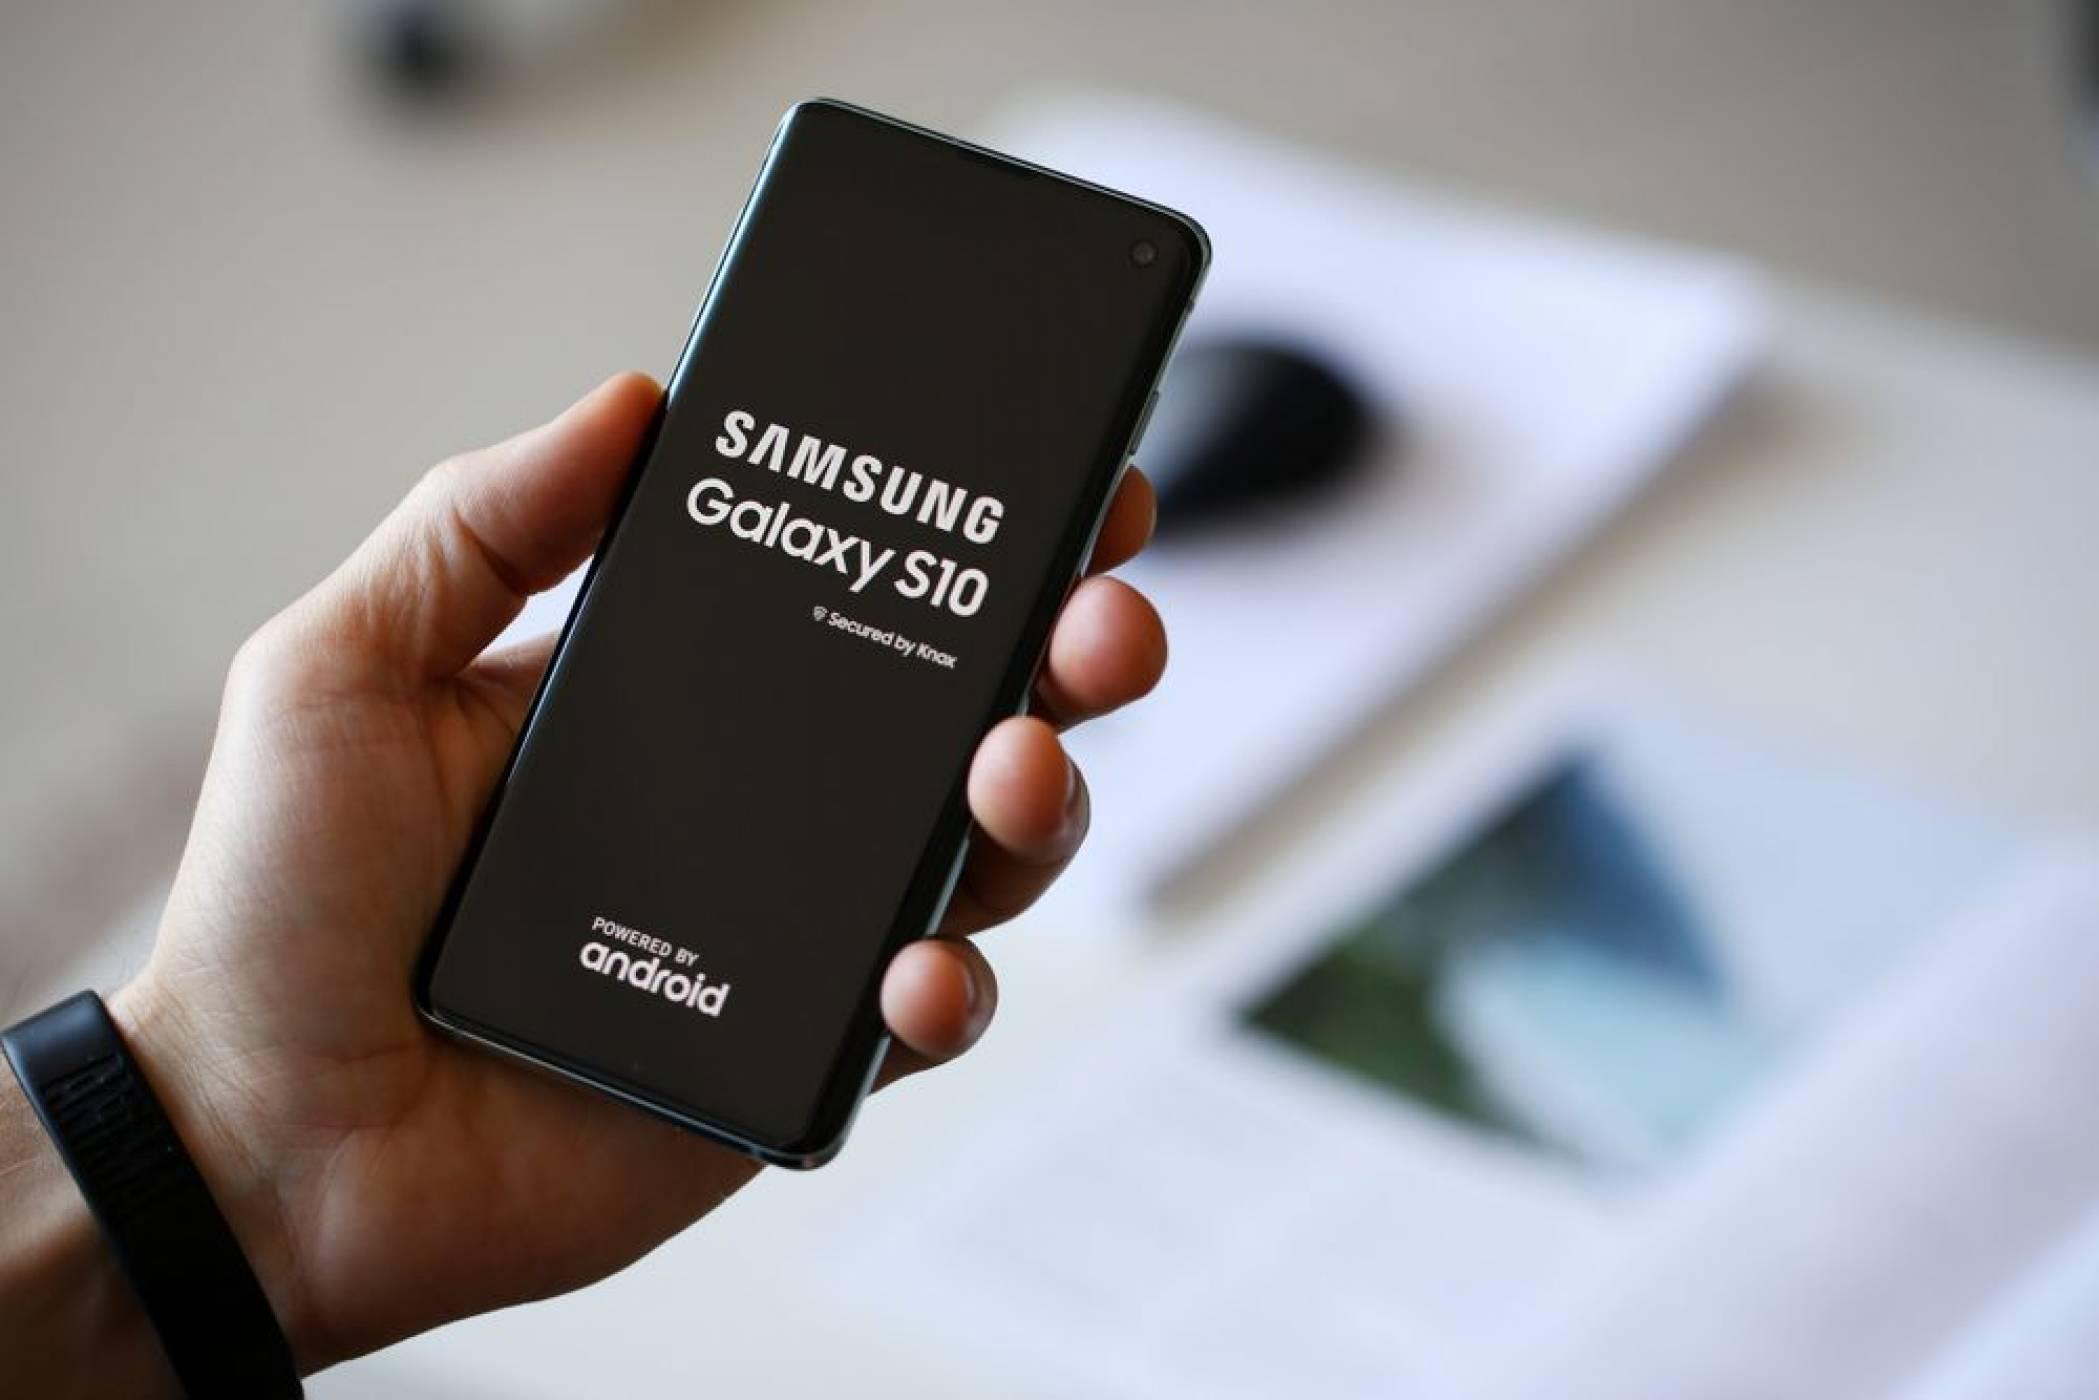 Android 10 за Samsung Galaxy S10 пристига веднага. За съжаление с уловка